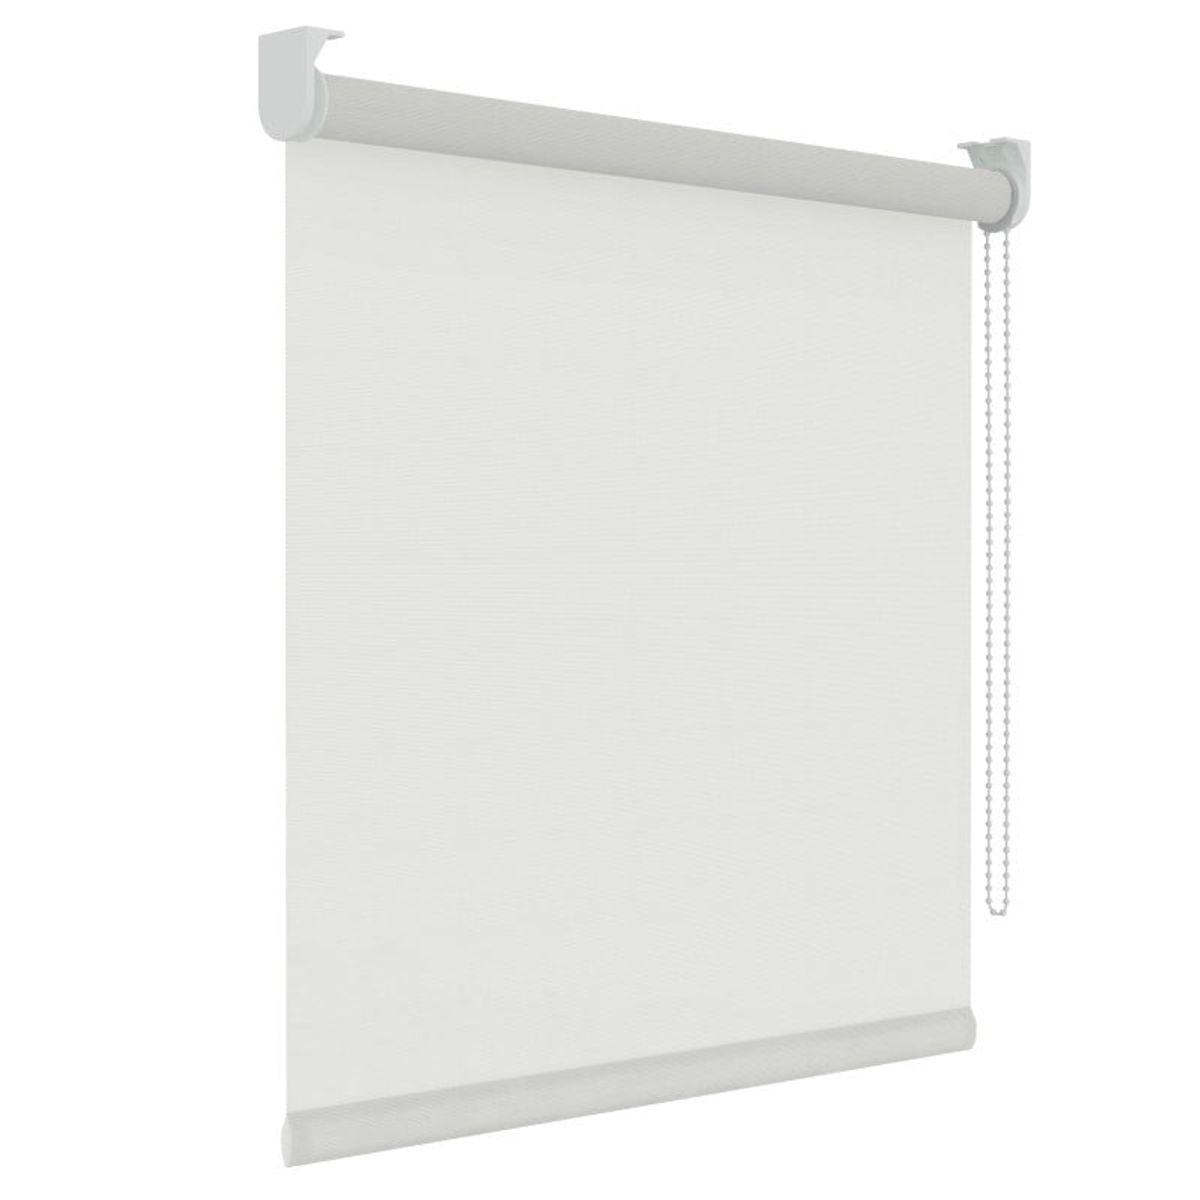 Rolgordijn structuur - Wit - Lichtdoorlatend - 210cm x 190cm